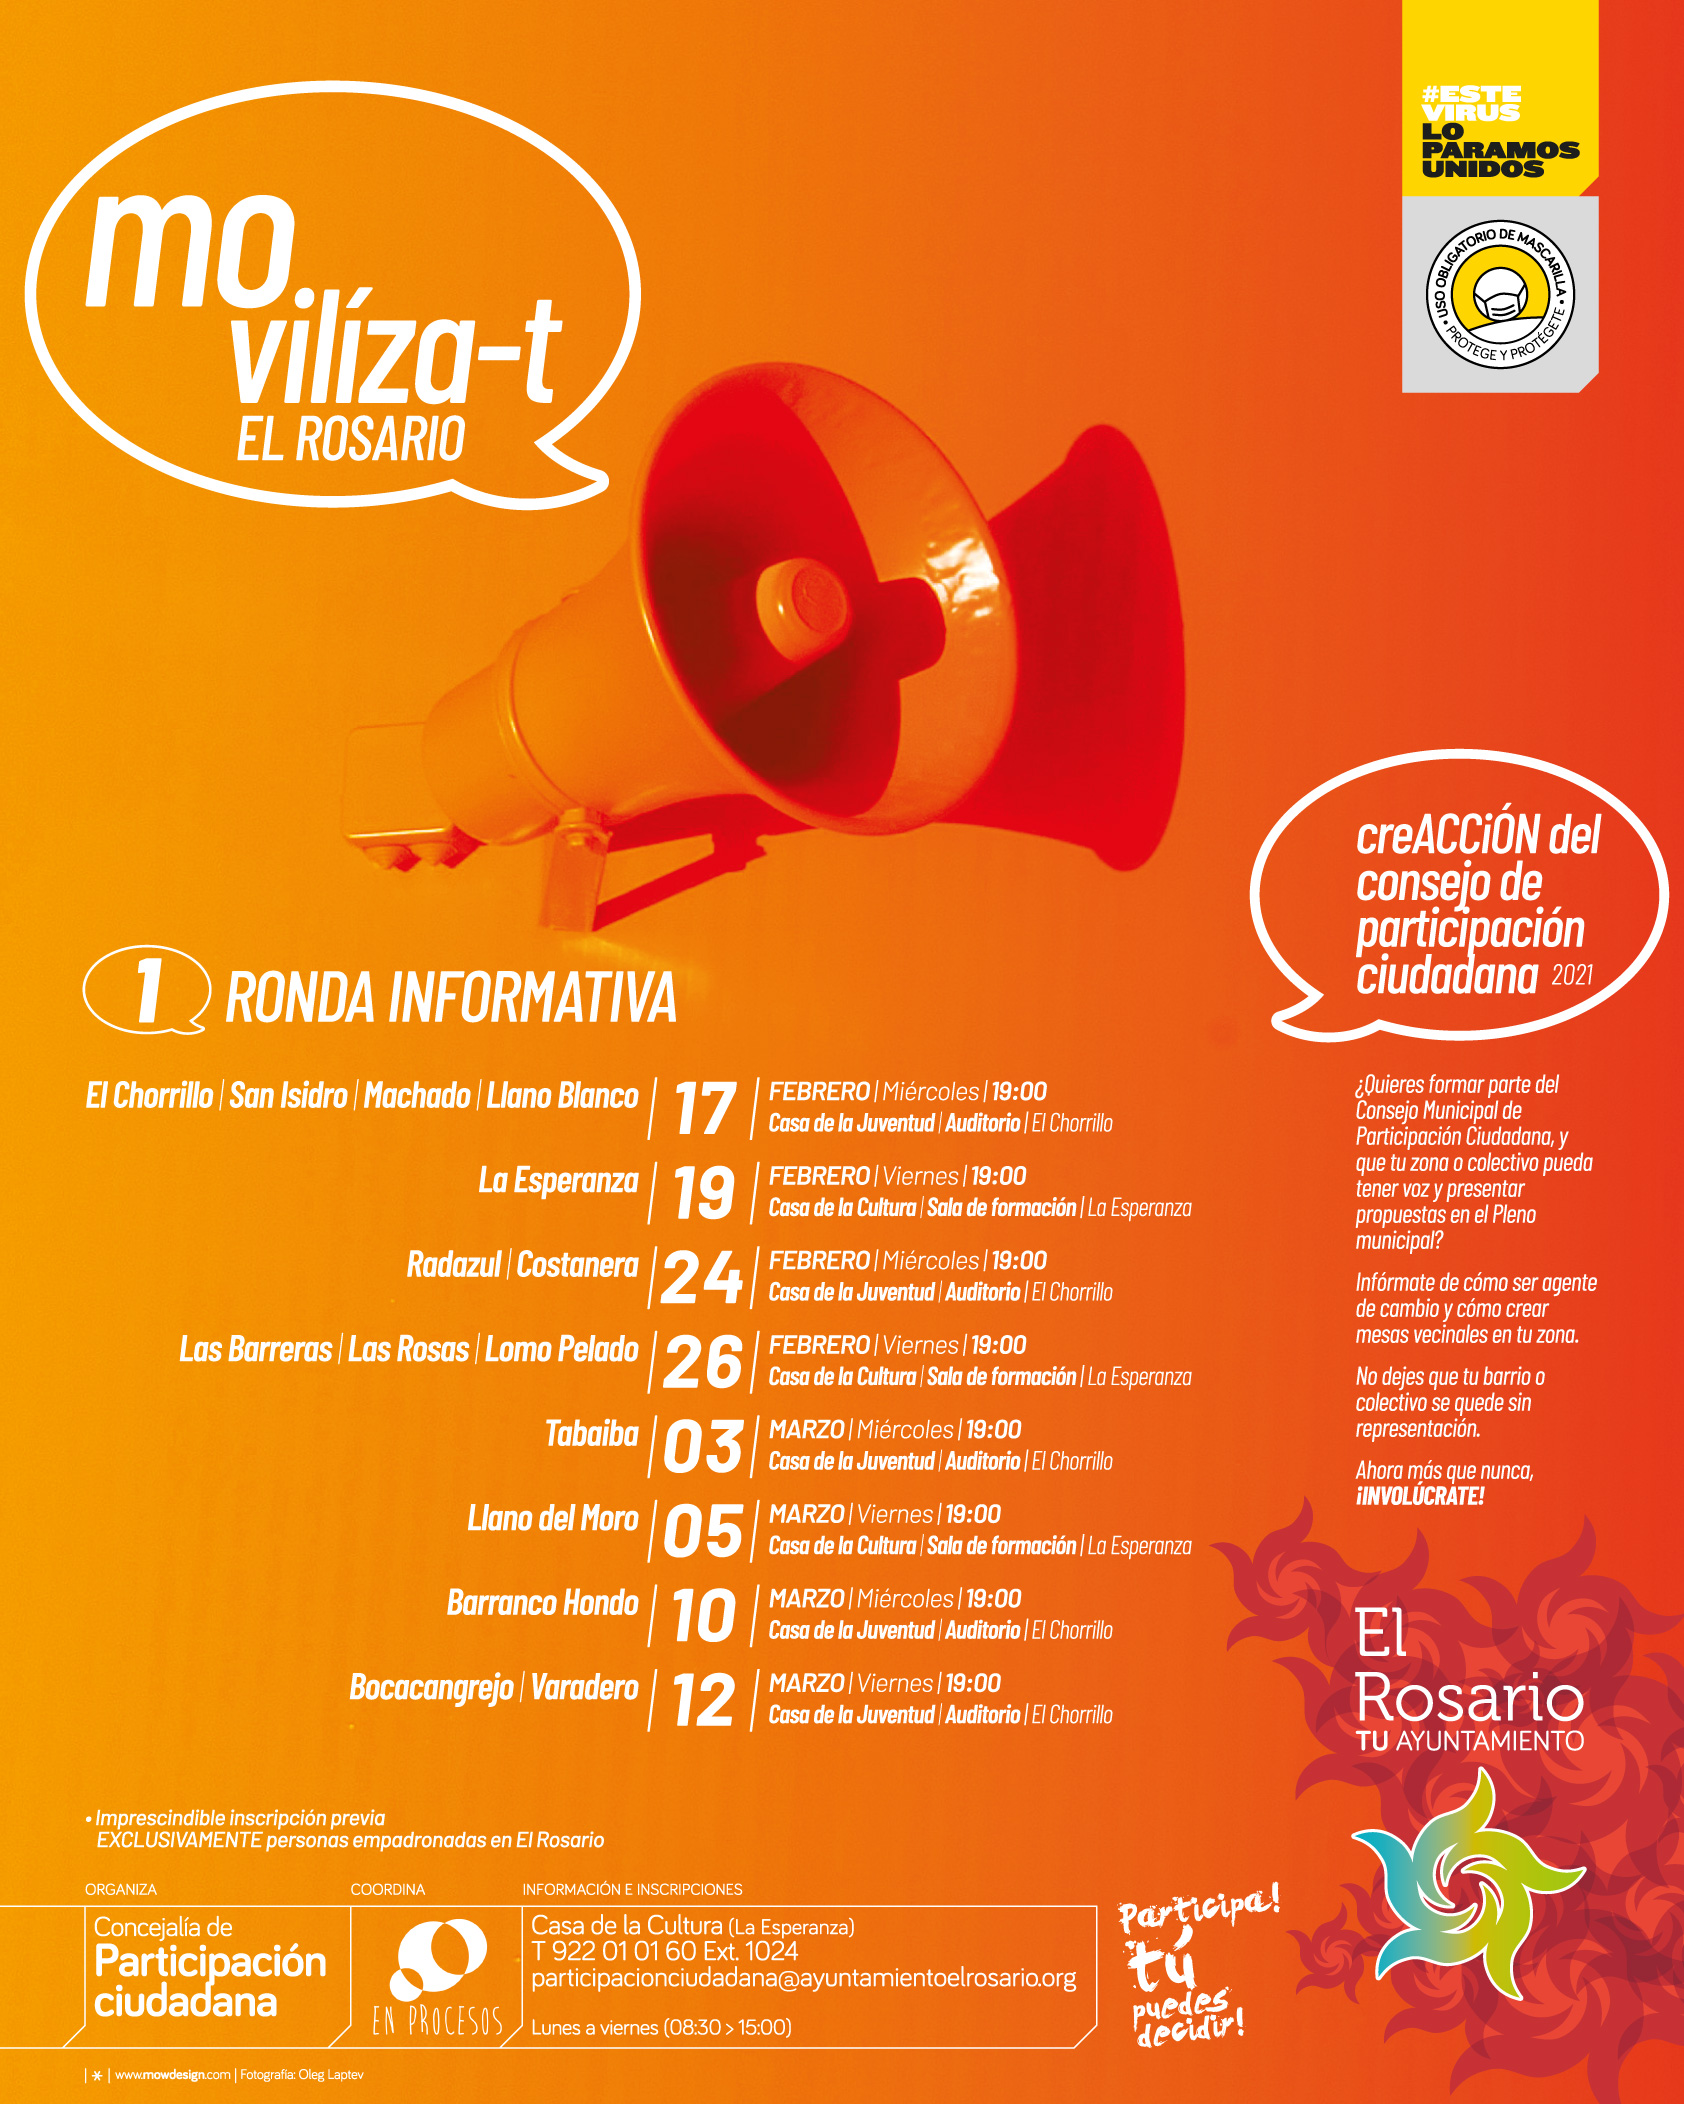 Creacion-consejo-participación-ciudadana-1-20210217-CARTEL_A3-20210210-01af-redes